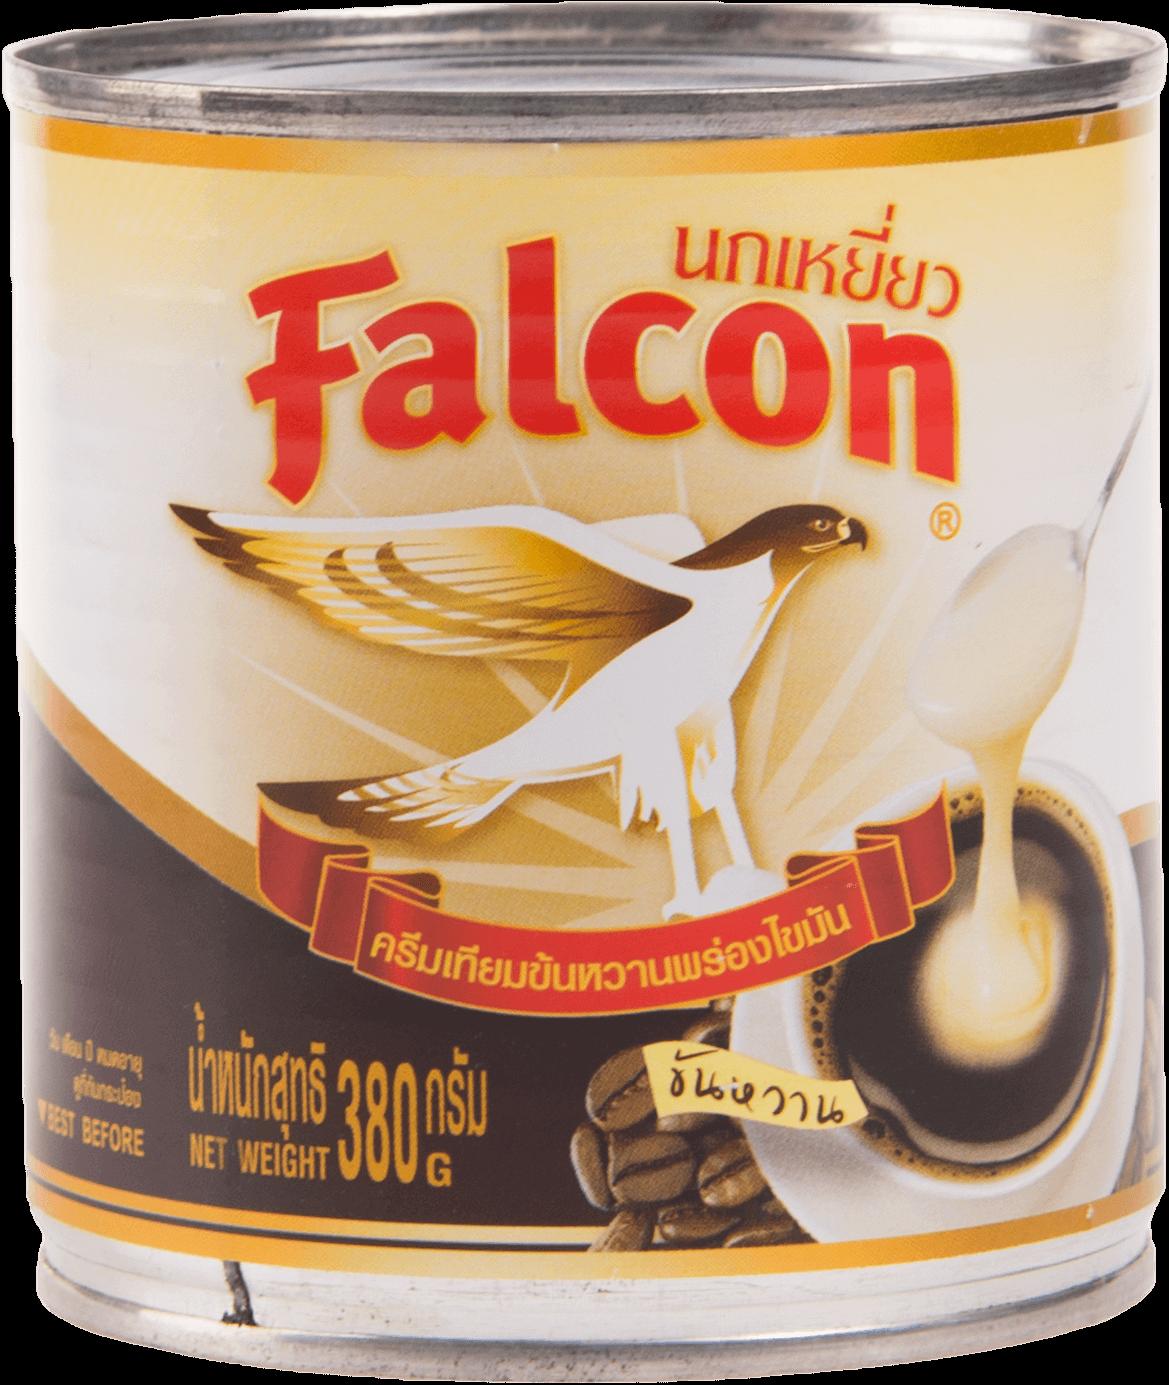 นมข้นหวาน นกเหยี่ยว 380 กรัม